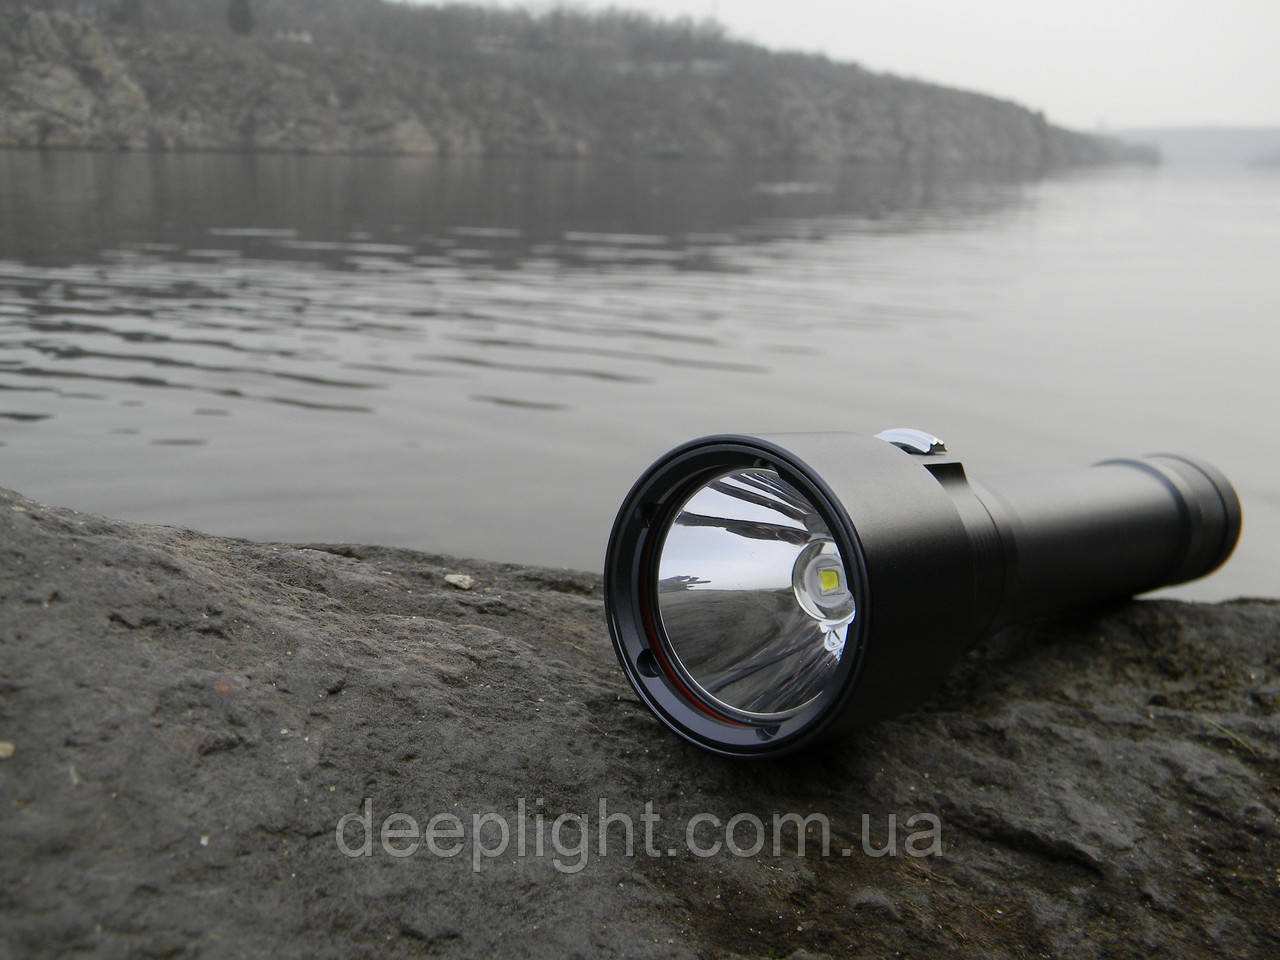 Профессиональный подводный фонарь Deeplight Pro XM-L2 10W Поисковый